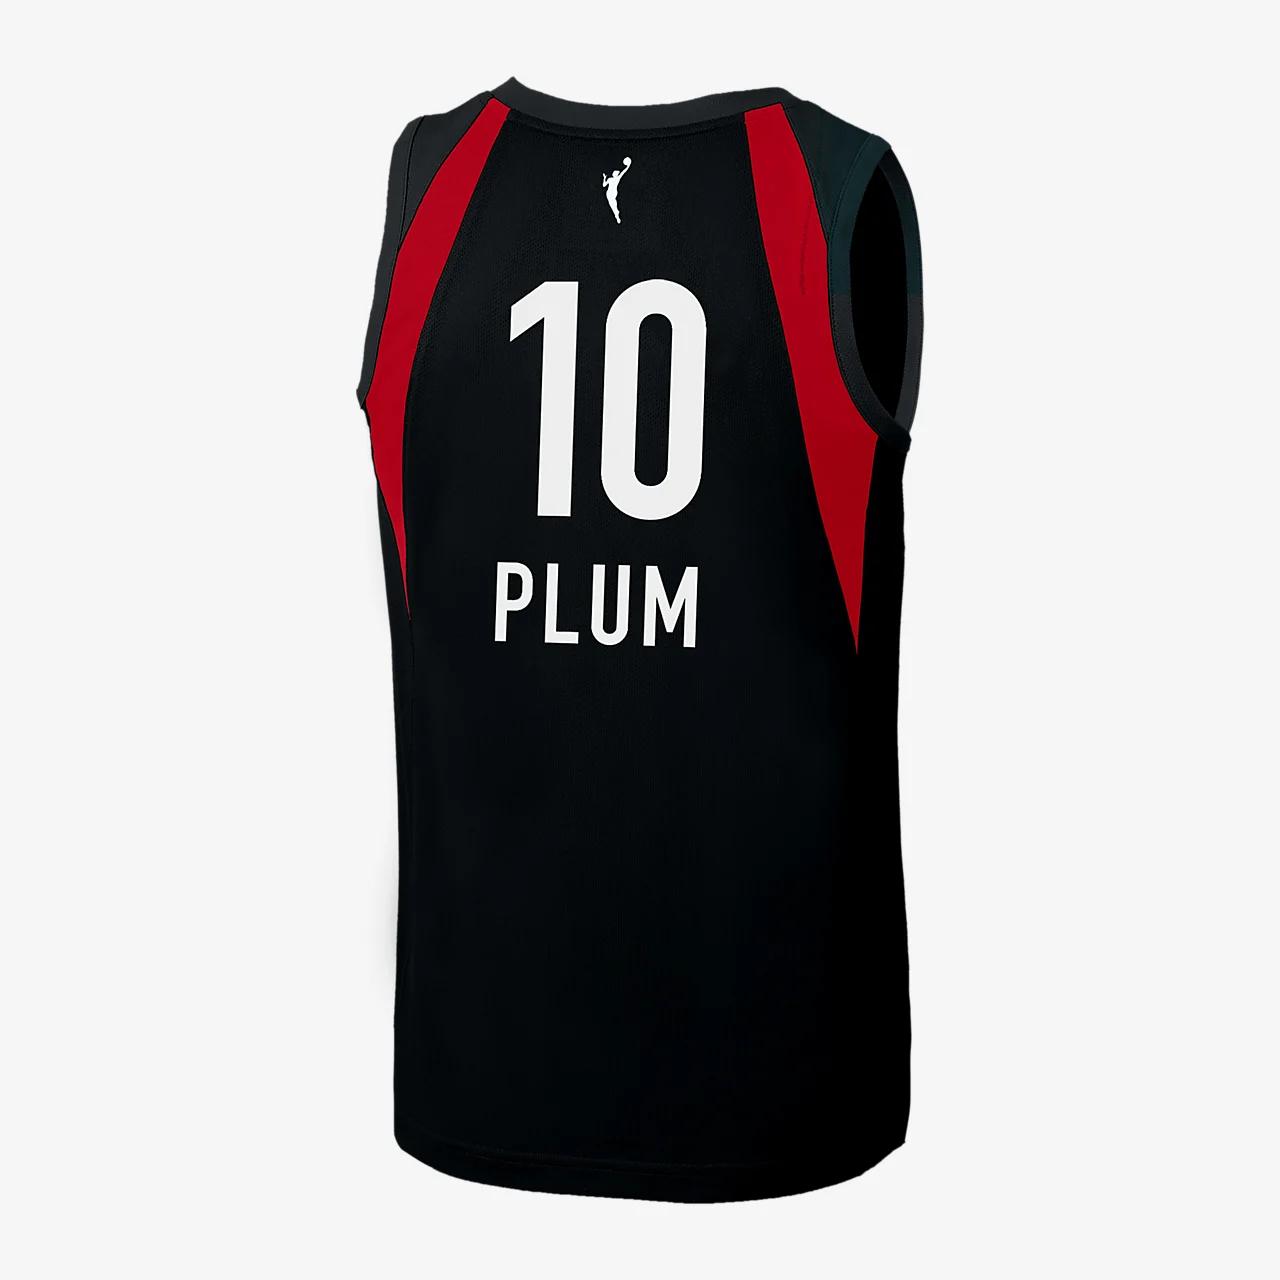 켈시 플럼 라스베이거스 나이키 WNBA 농구 저지 BBP32882-001